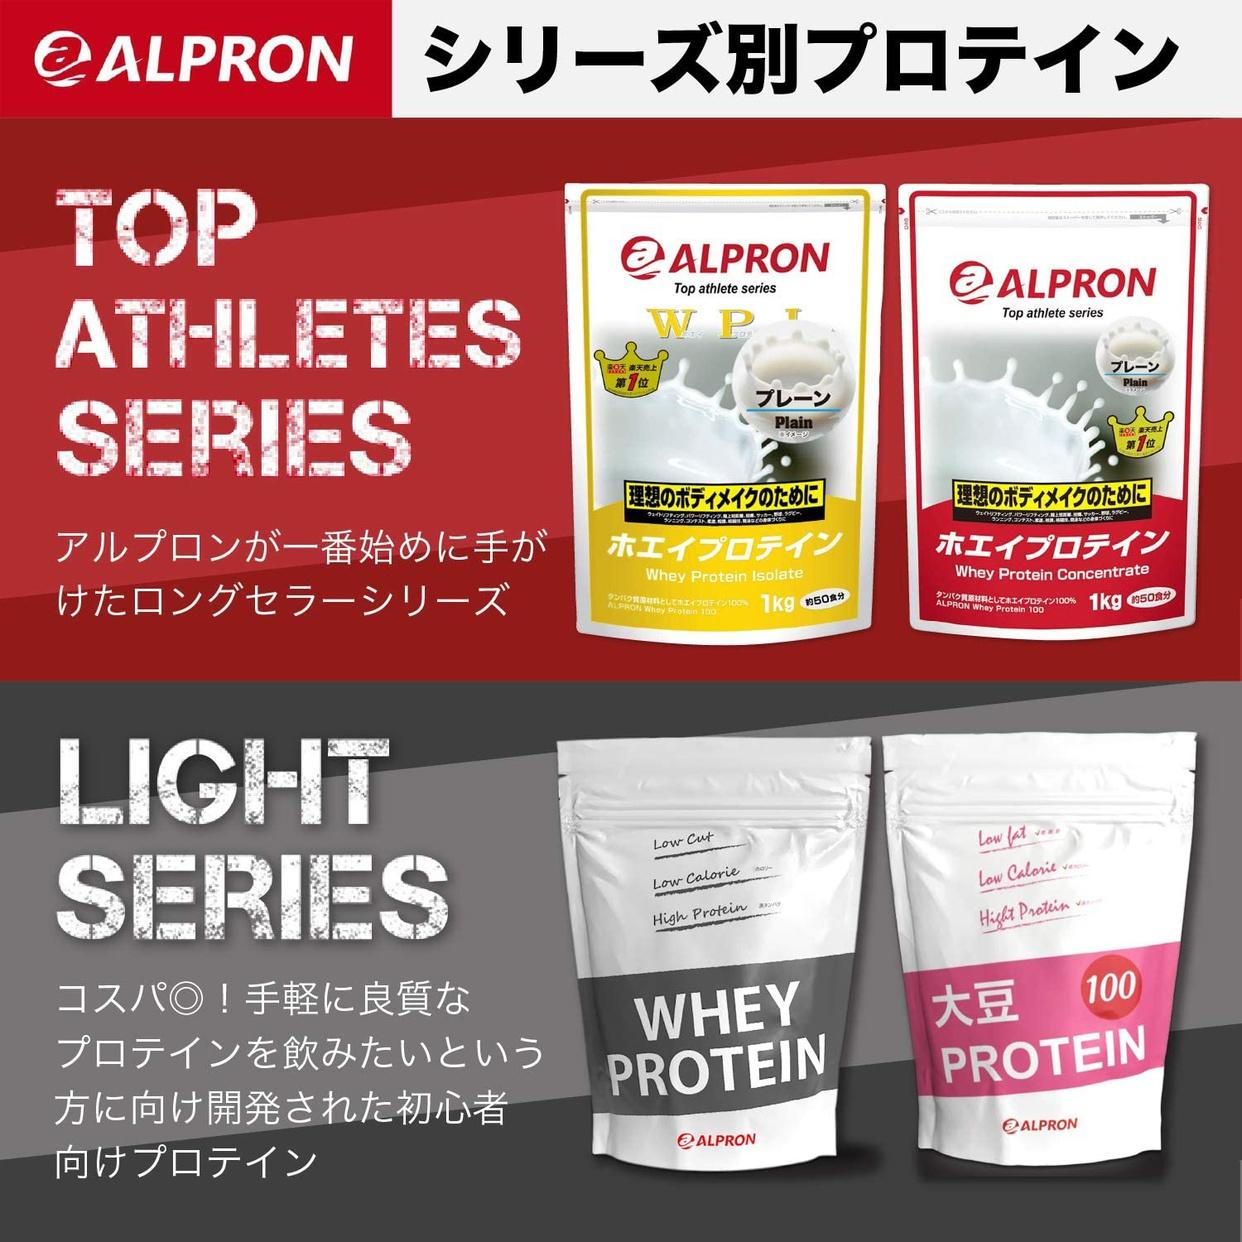 ALPRON(アルプロン) IZMO ウーマンプロテインの商品画像7